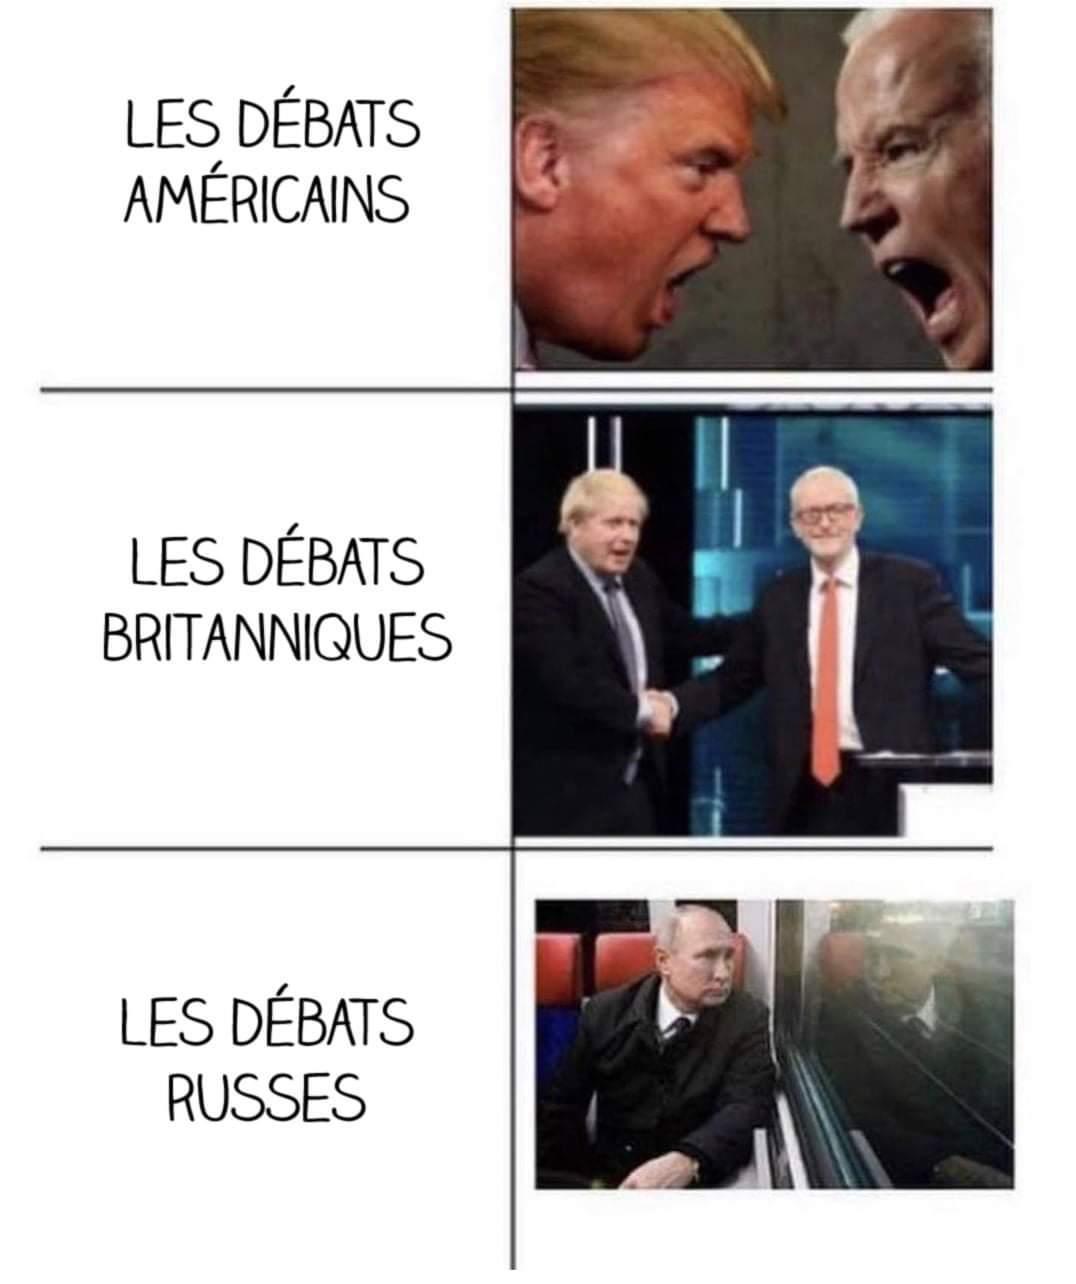 Aucun débat - meme